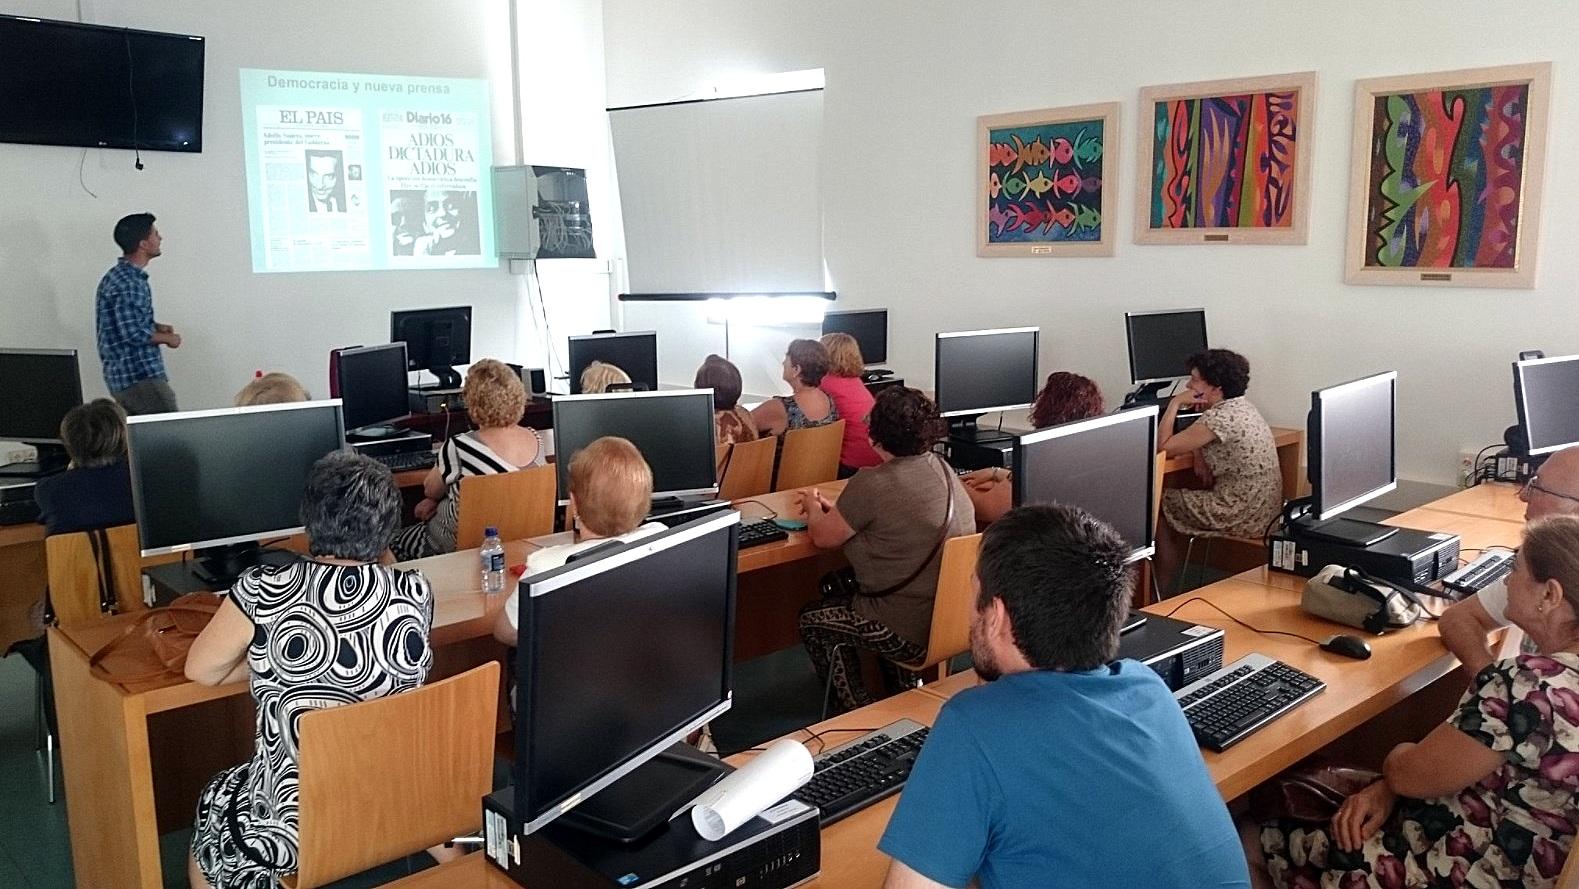 taller prensa en andaluz